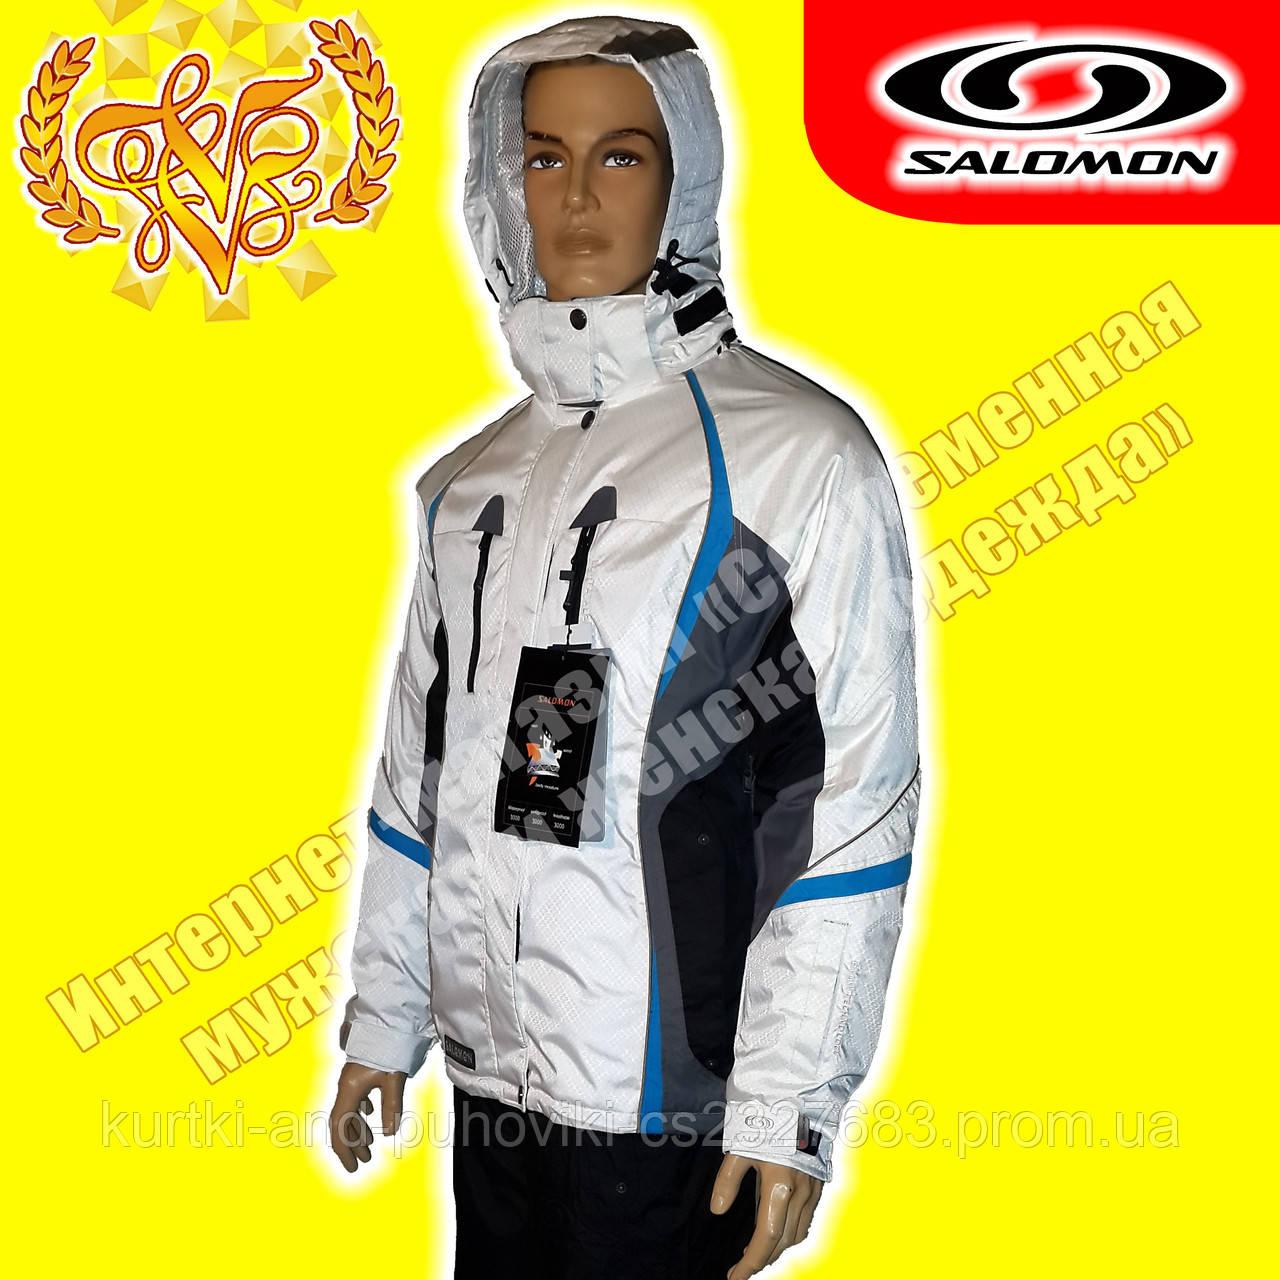 Мужская горнолыжная белая куртка «Salomon»  - Интернет-магазин «Современная мужская и женская одежда» в Черновцах